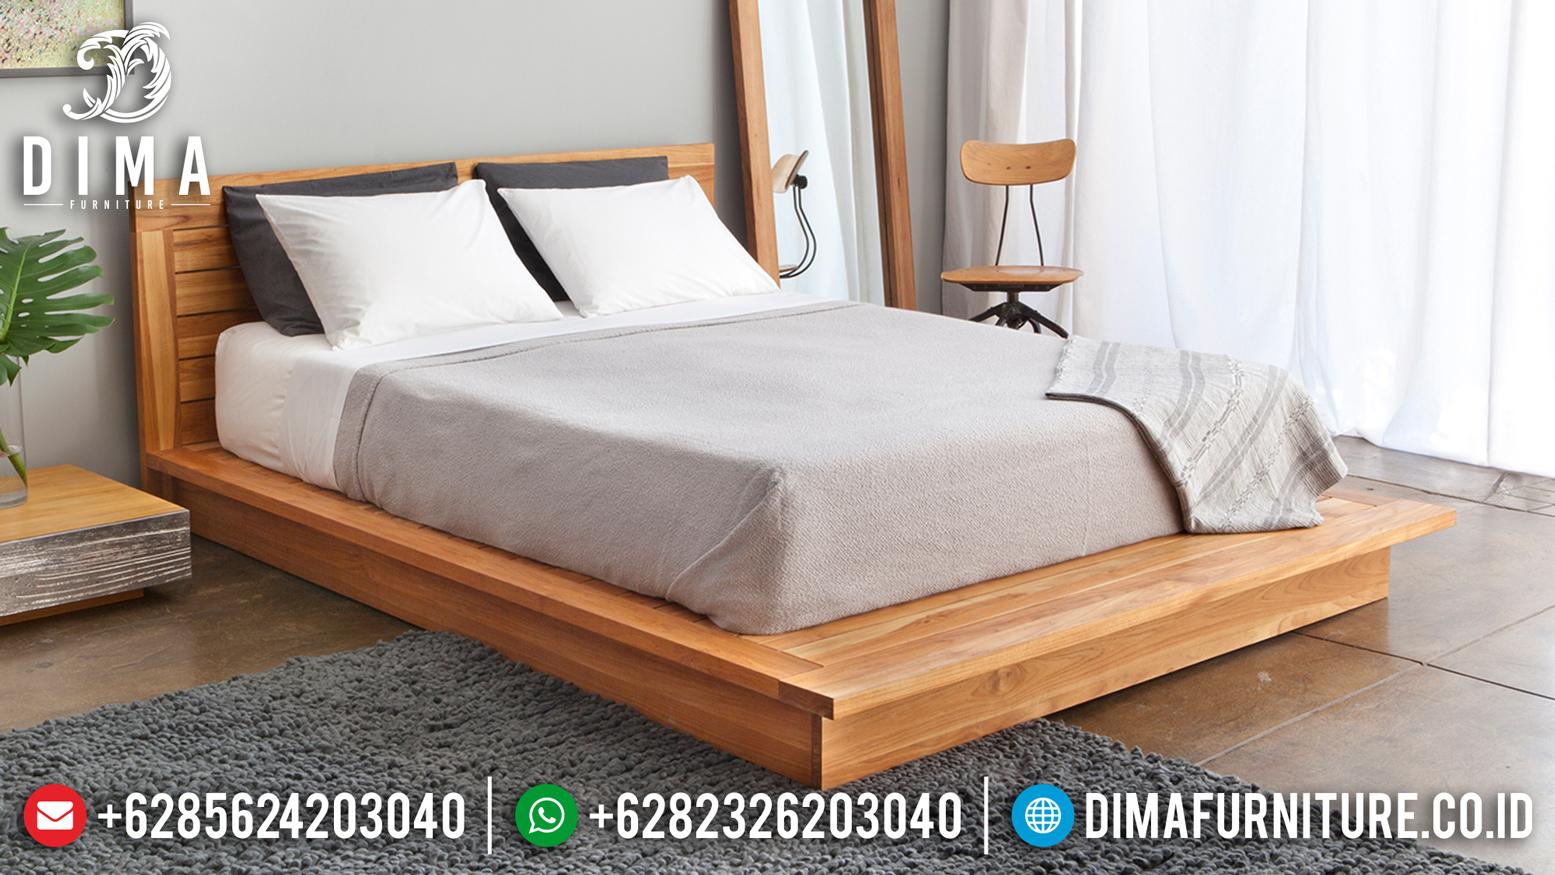 Jual Tempat Tidur Jati Jepara Minimalis Terbaru DF-0974